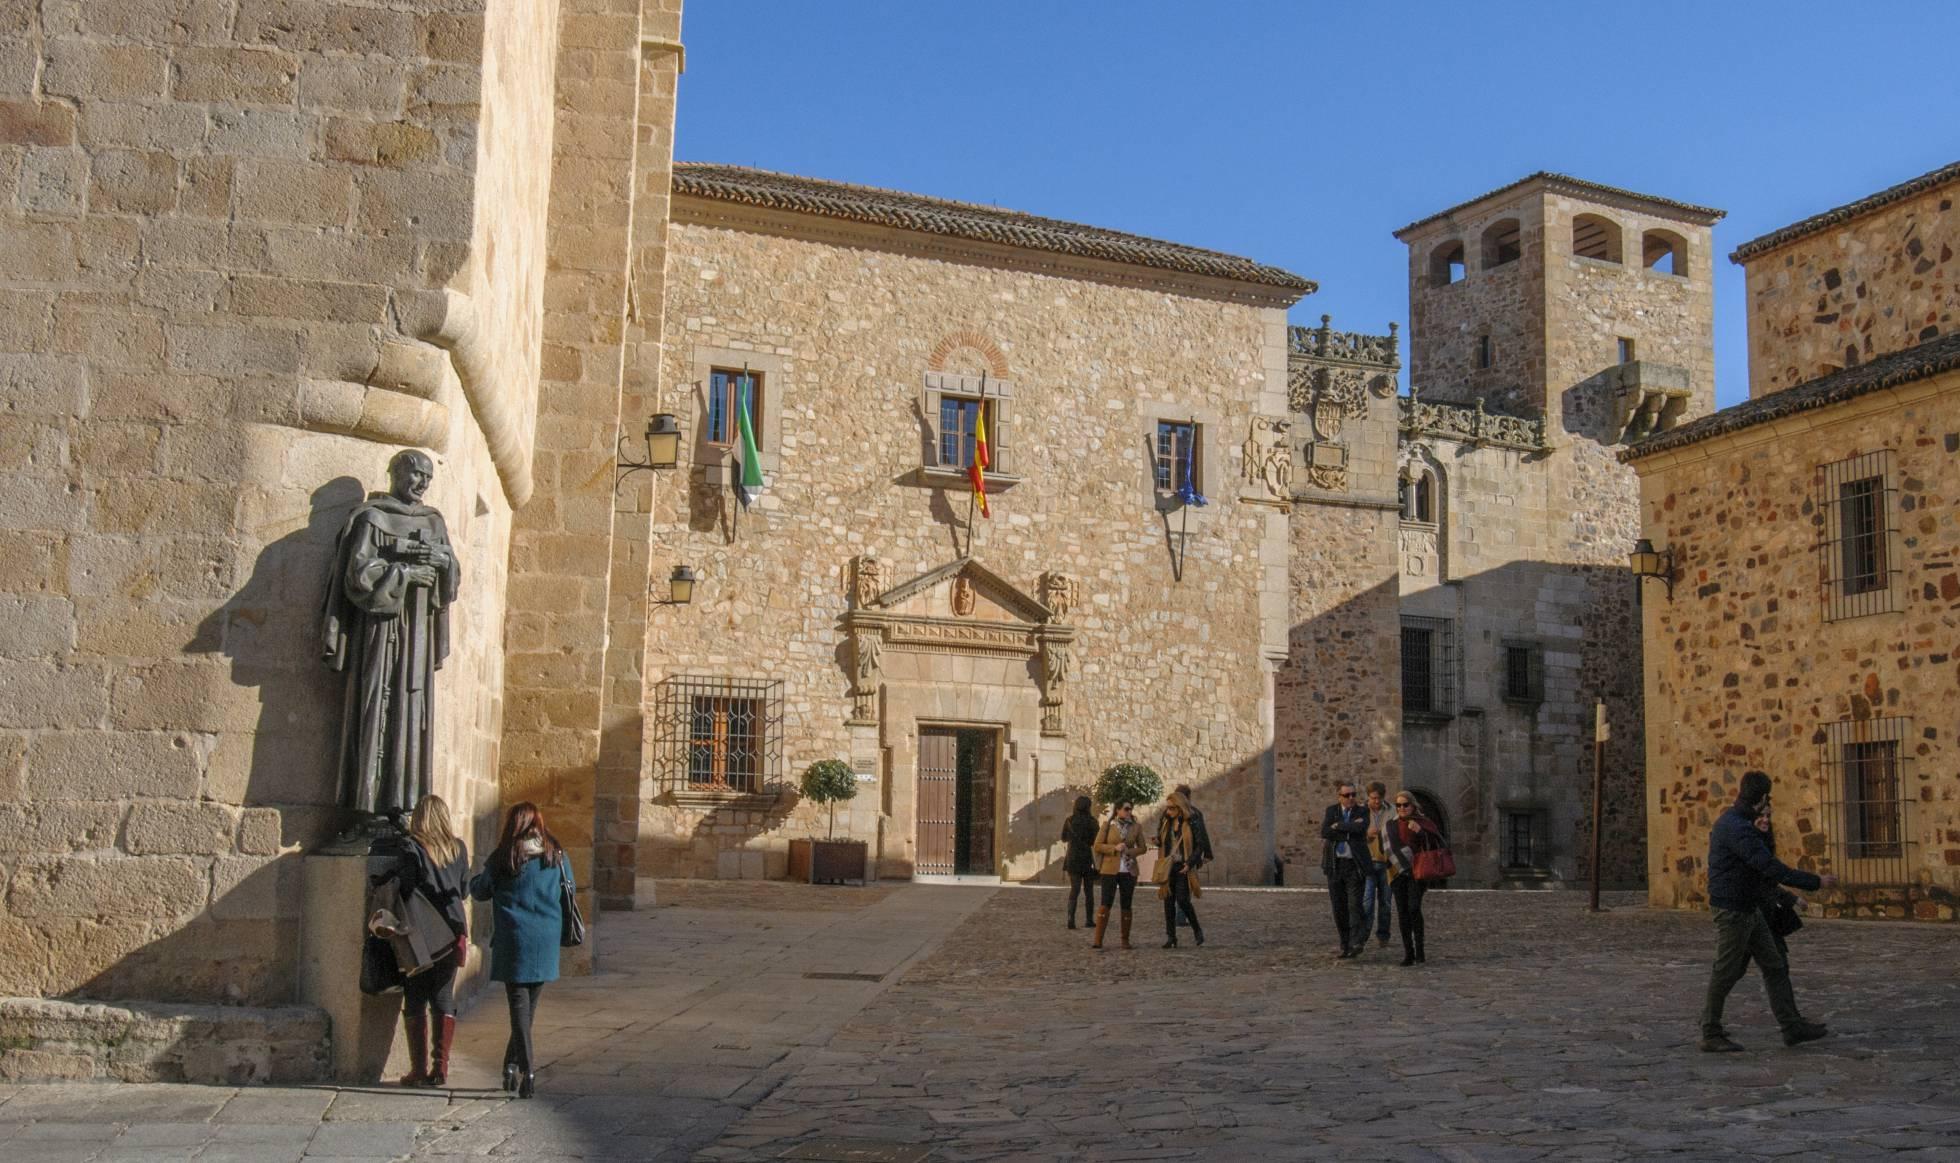 La plaza de Santa María de Cáceres.